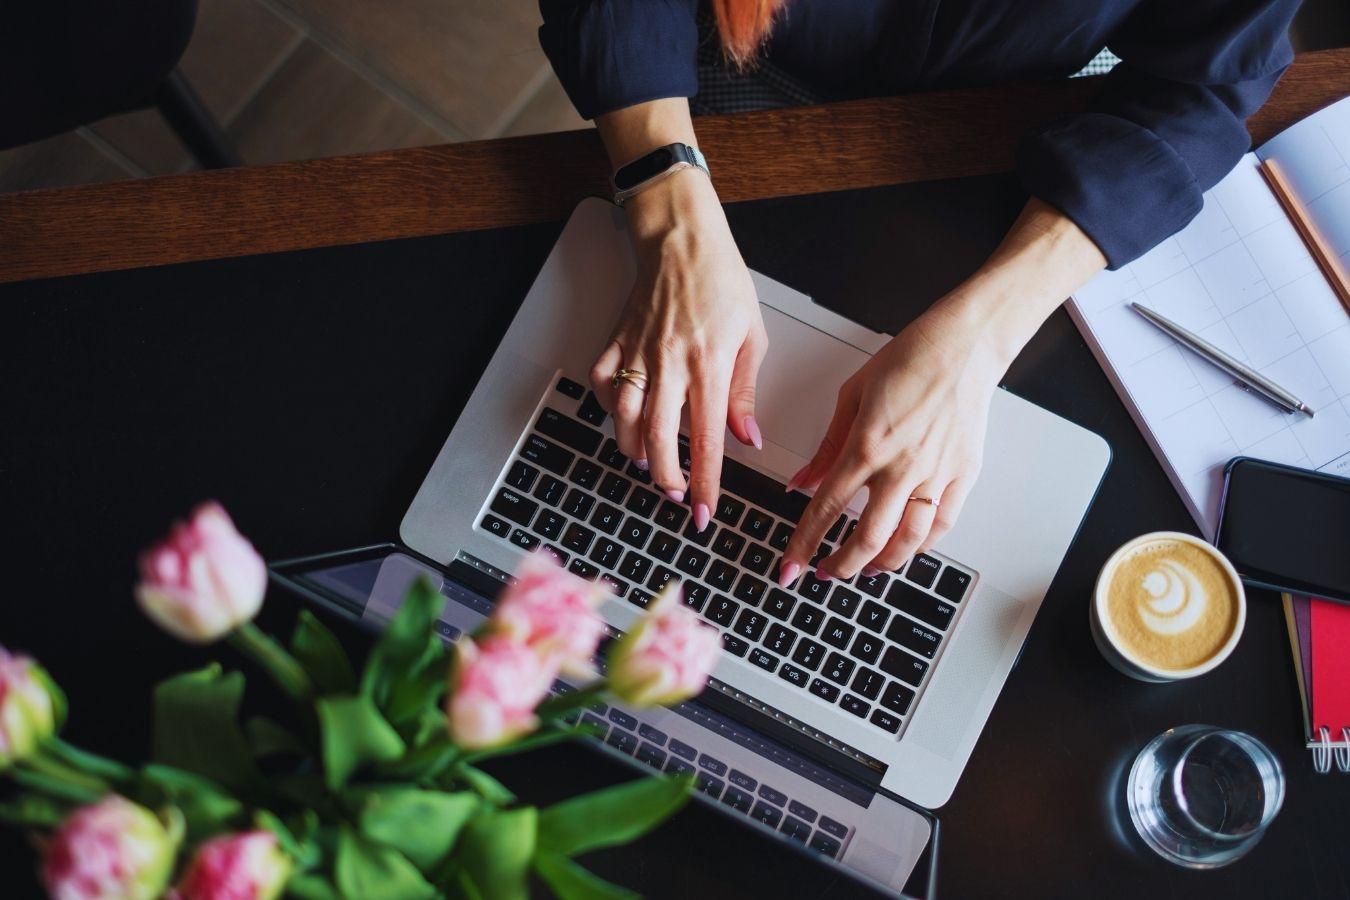 Ecrire avec un plan sans casser sa créativité d'auteur